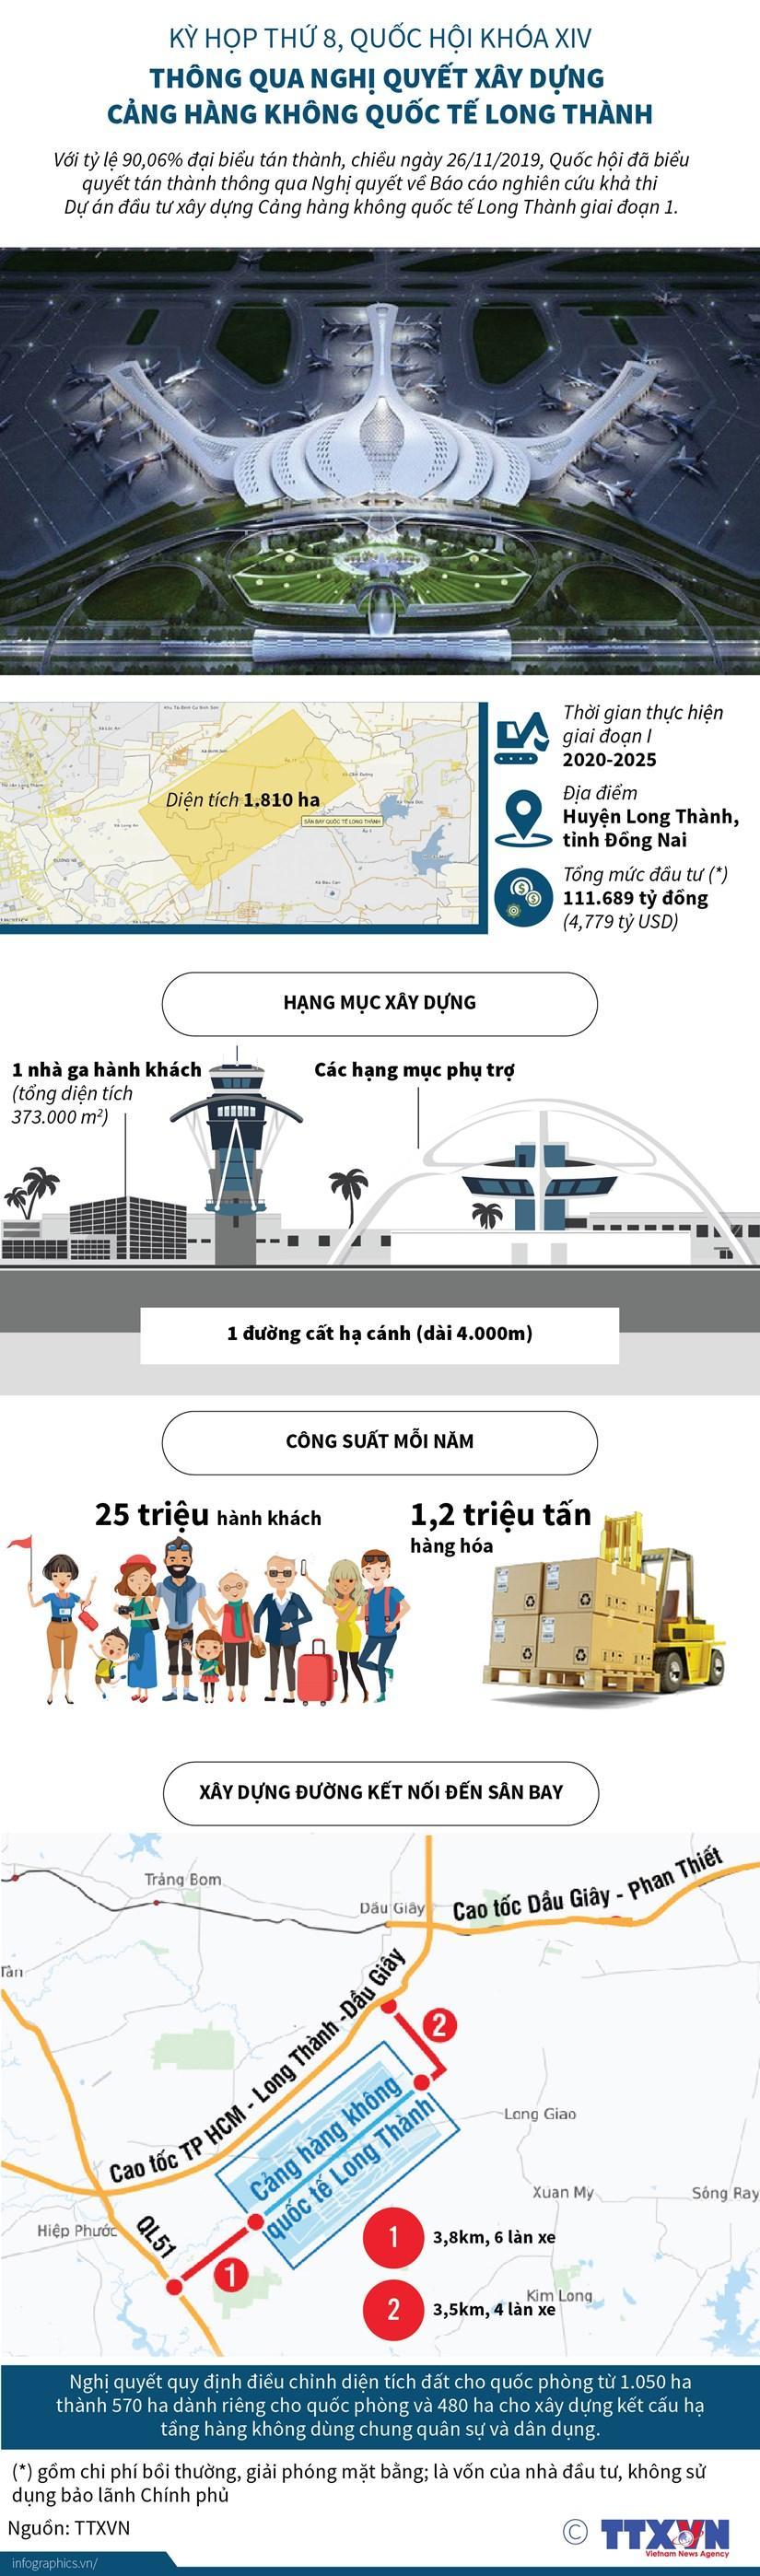 Những thông số về Cảng hàng không quốc tế Long Thành Ảnh 1